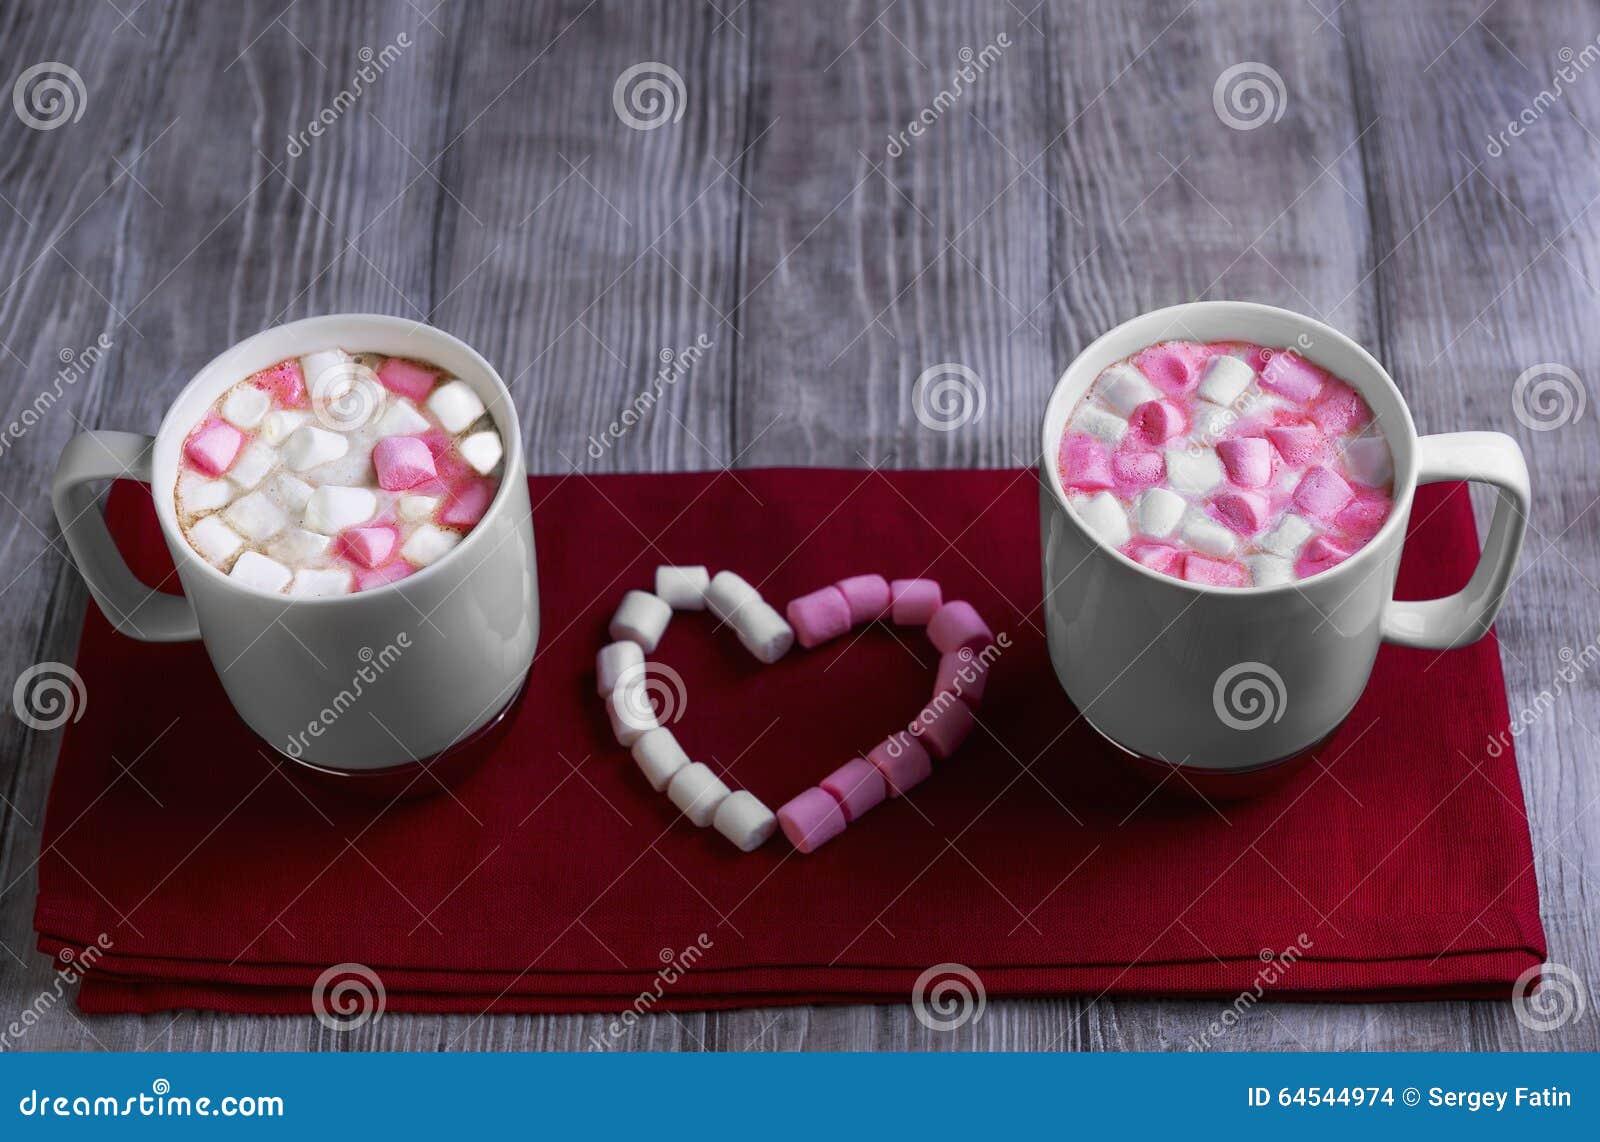 Fesselnd Glückwünsche Auf Valentinstag